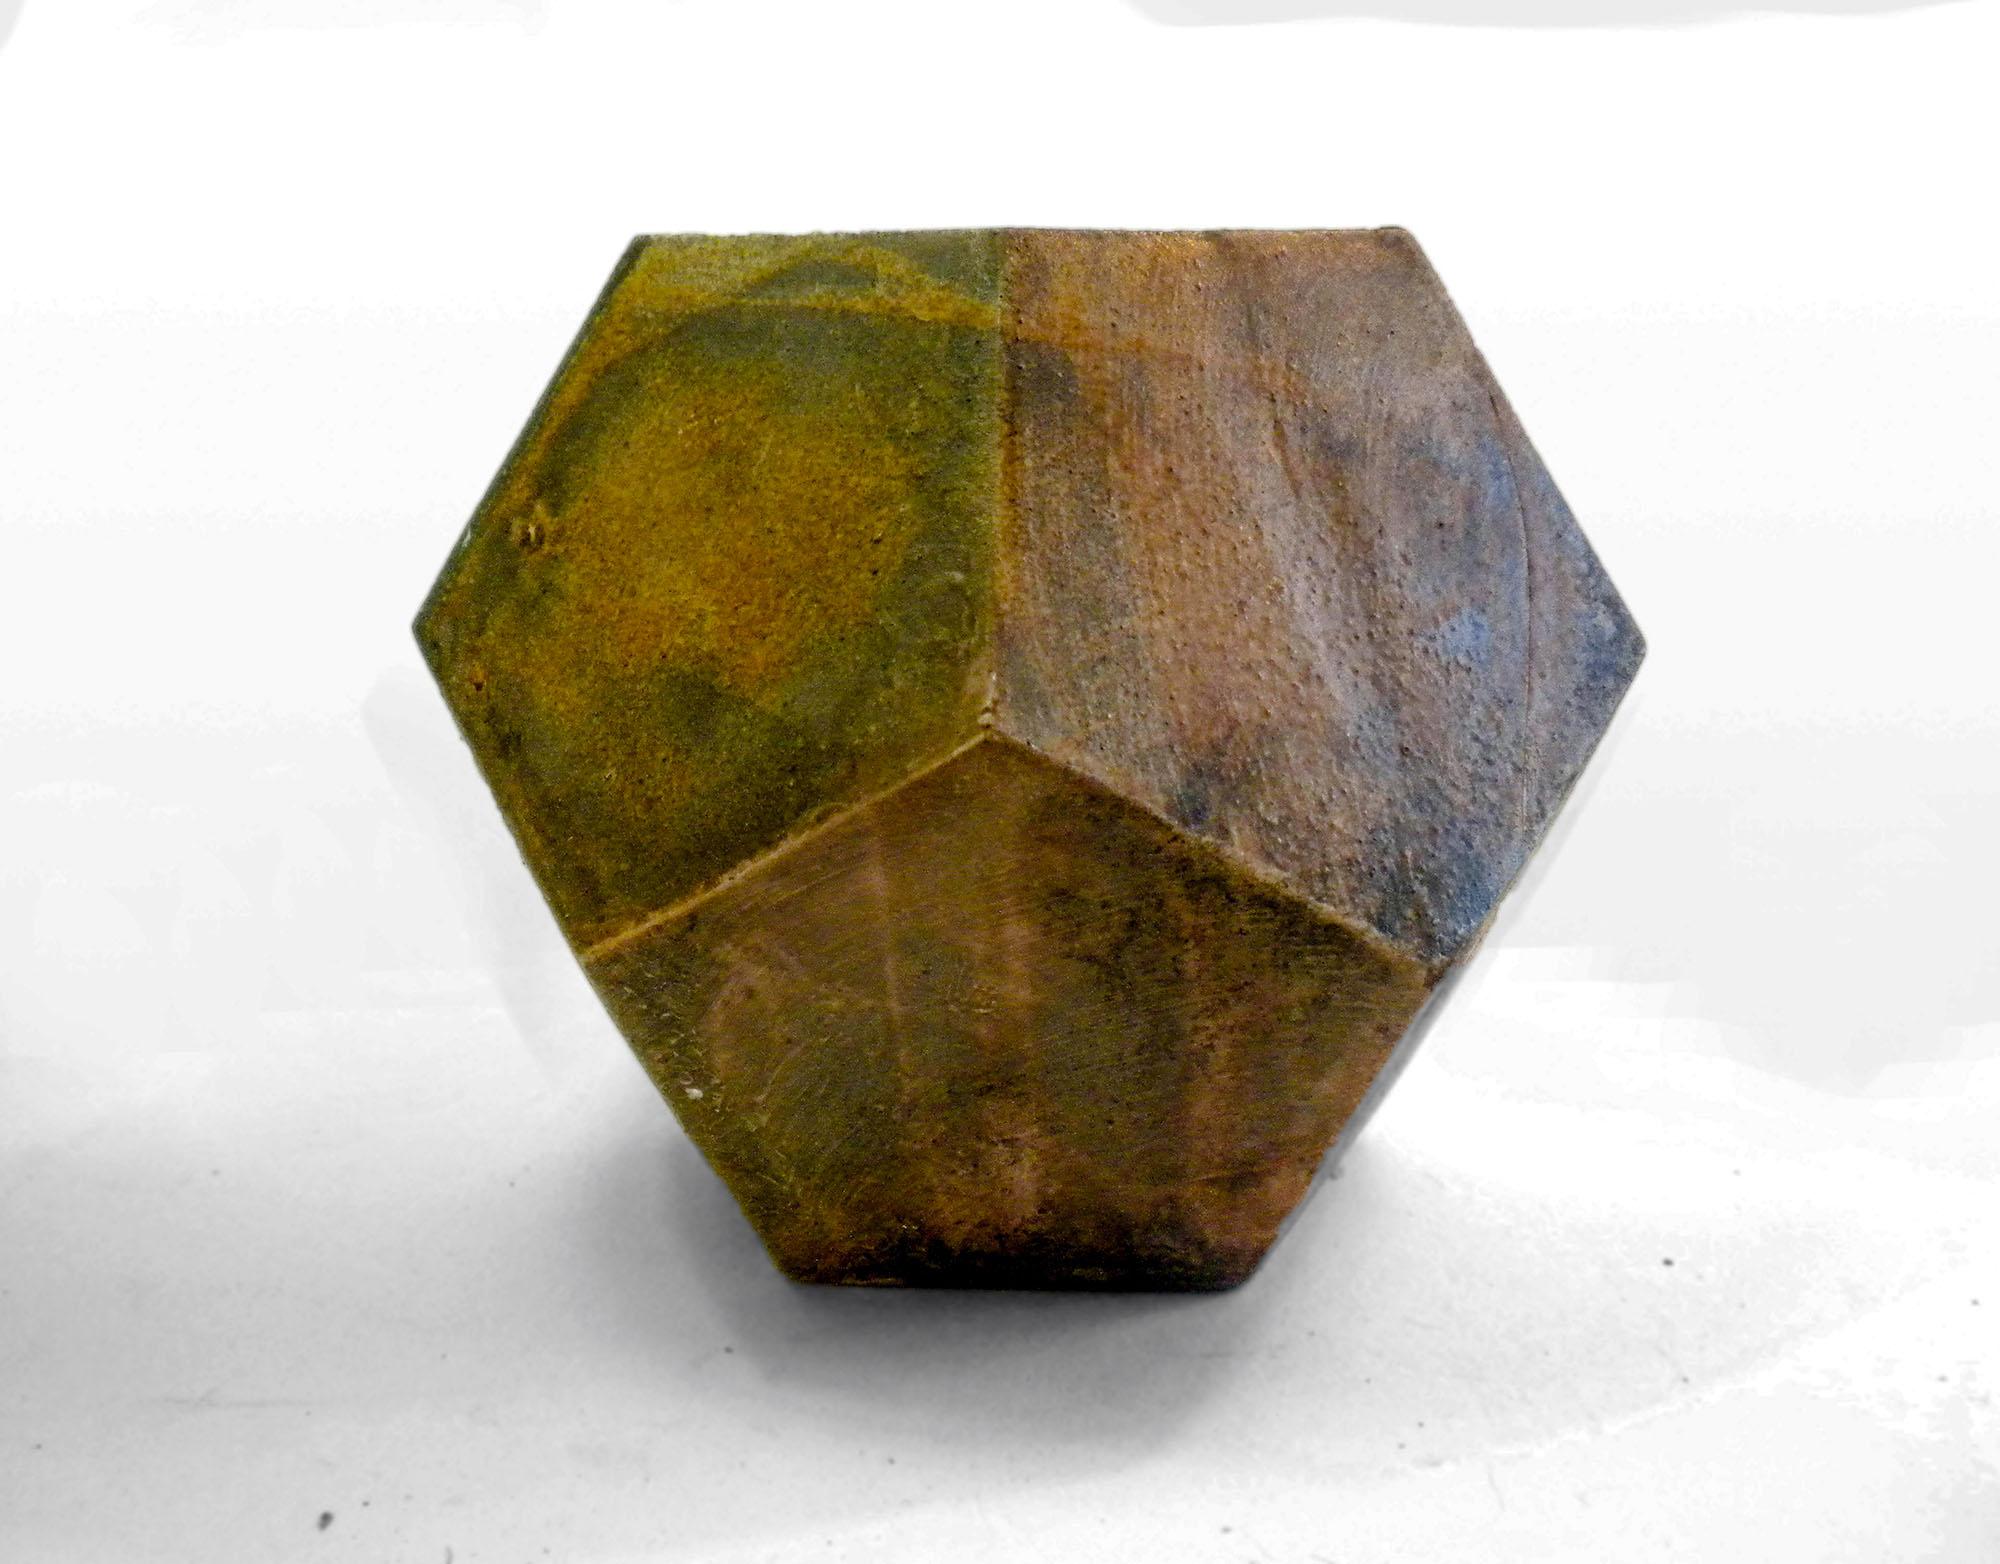 Vintage Geometric Vase Prototype in Brown